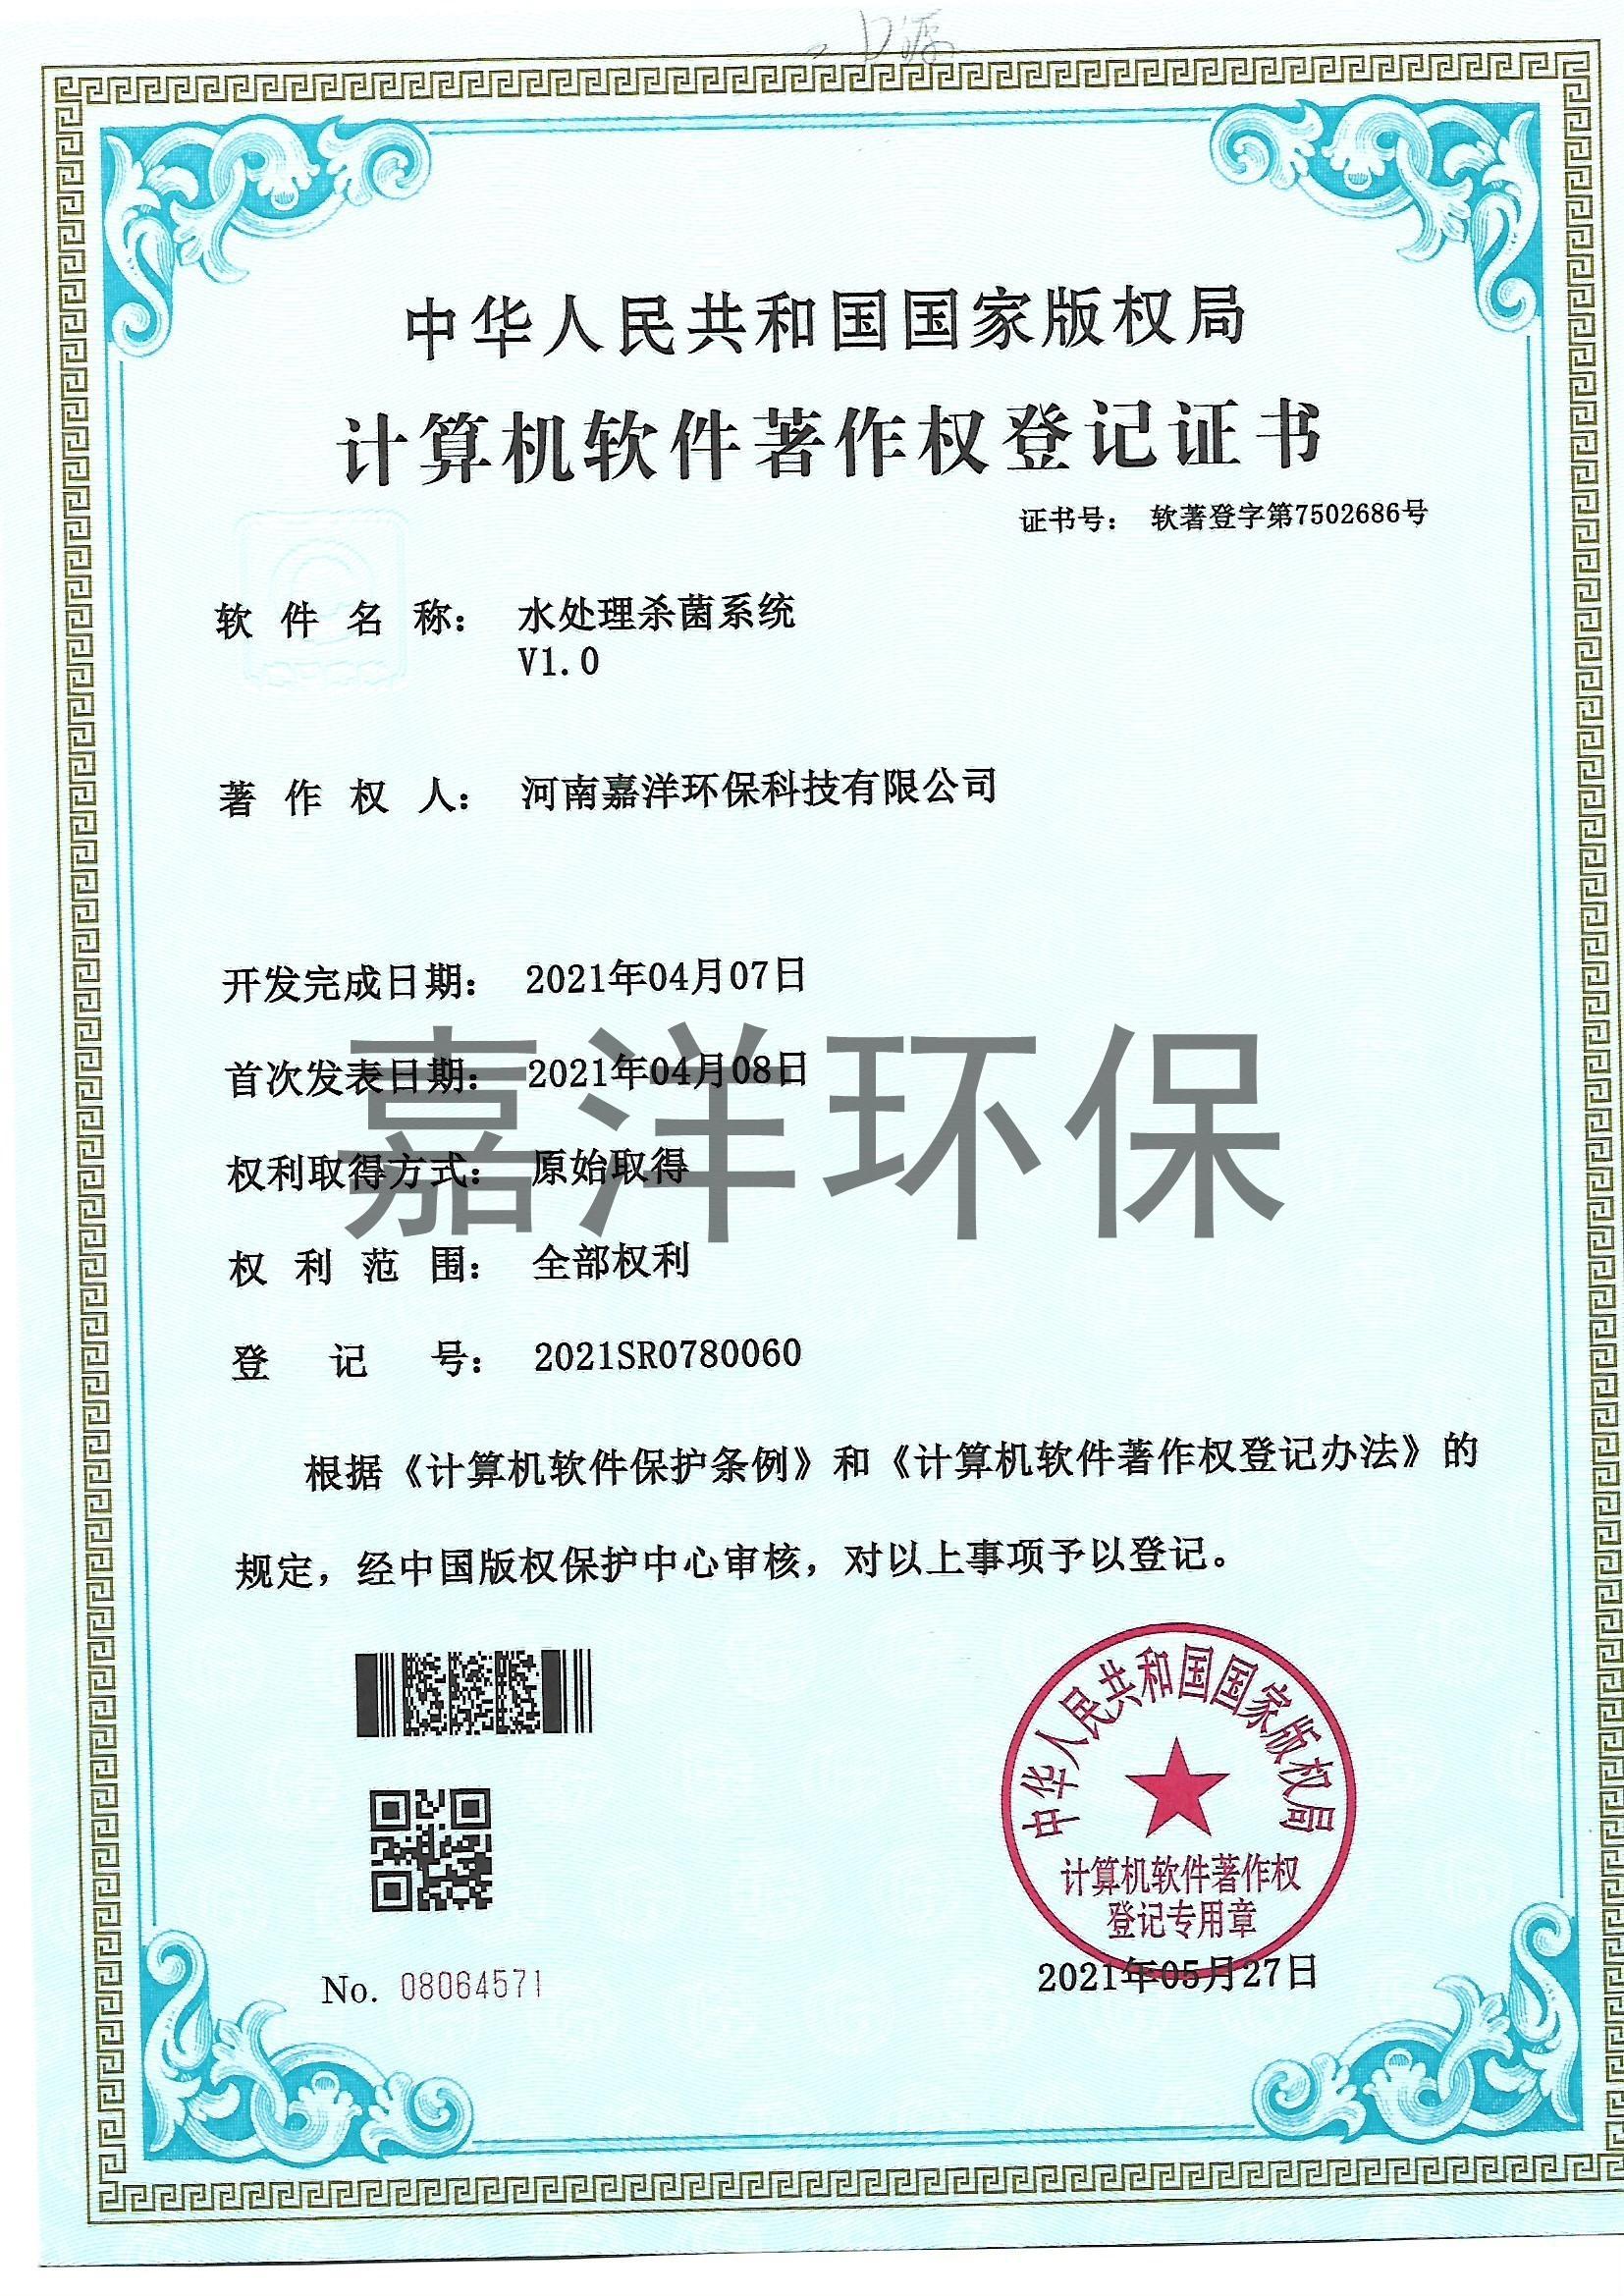 公司获得水处理杀菌系统软件著作权登记证书